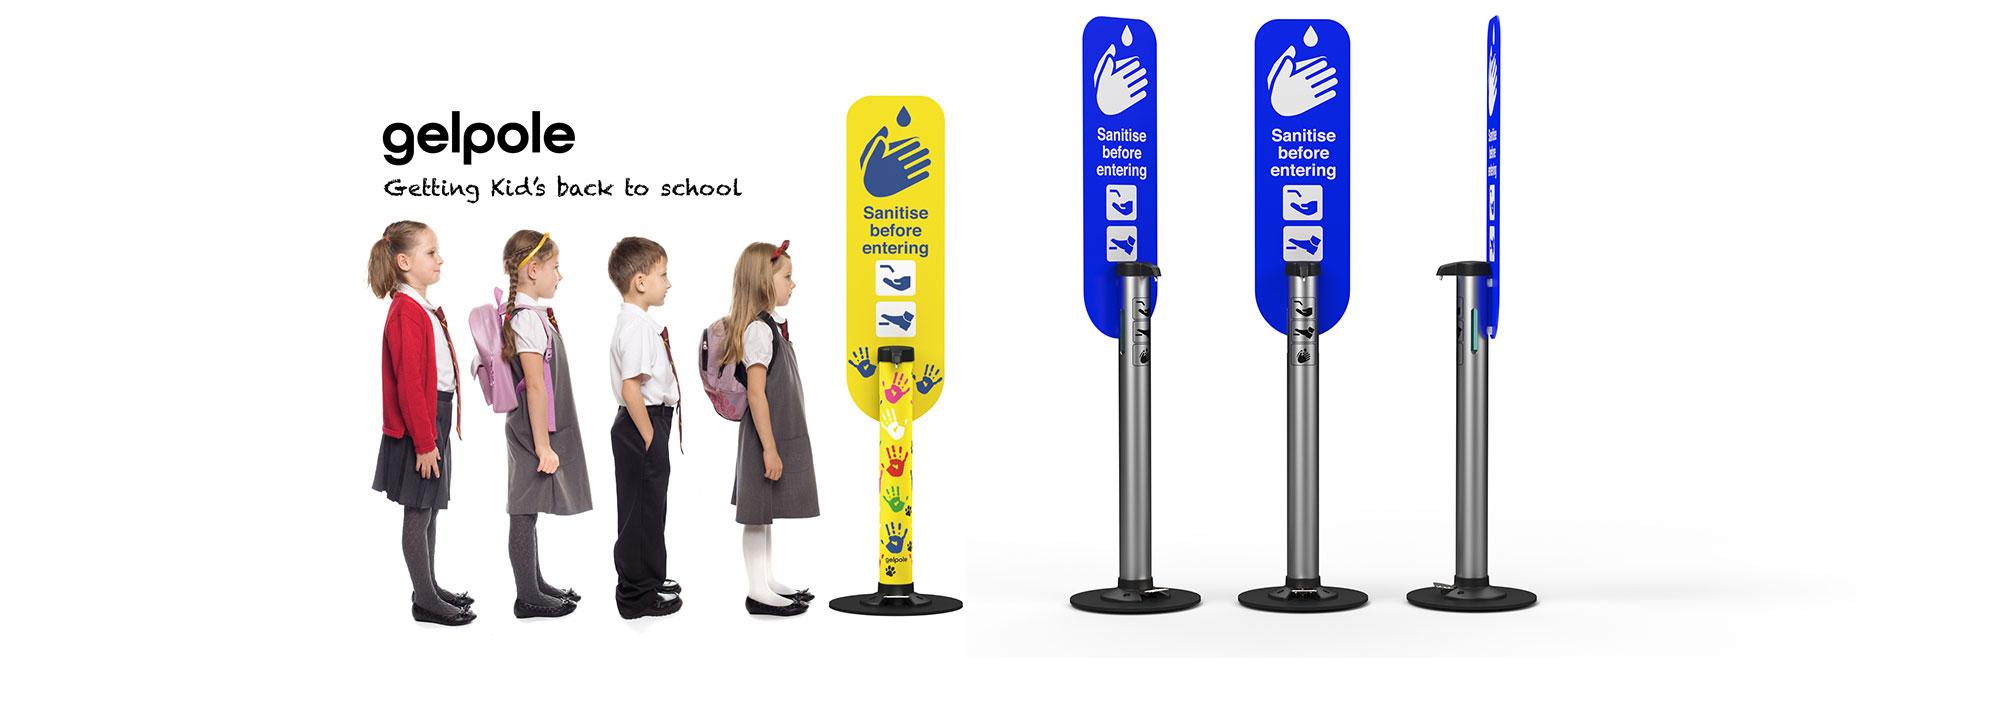 freestanding-sanitiser-dispensers-for-sc